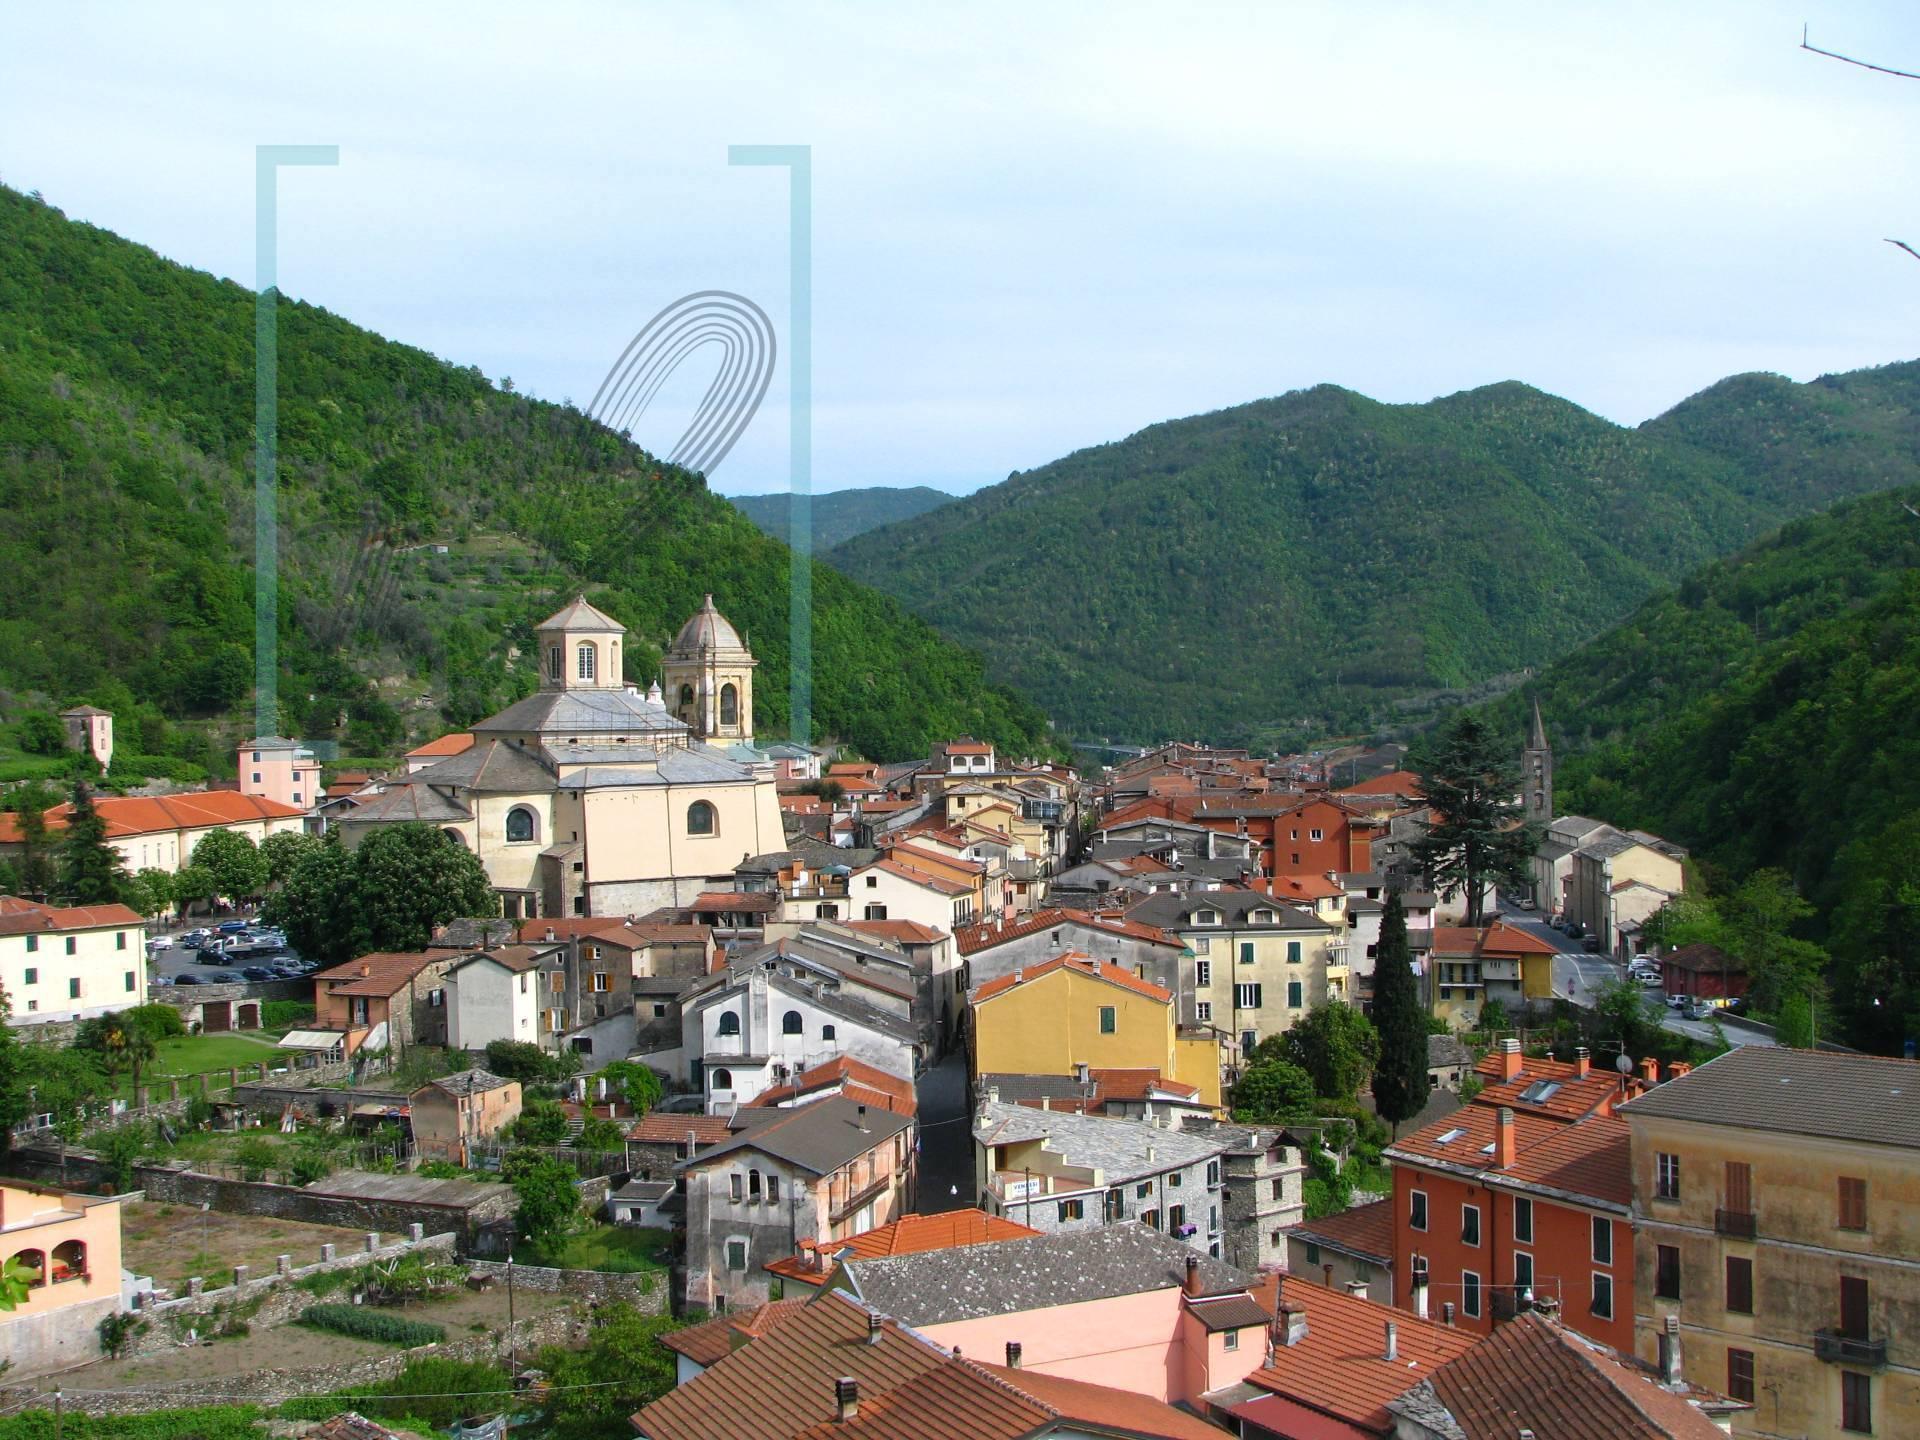 Appartamento in vendita a Pieve di Teco, 4 locali, prezzo € 78.000 | CambioCasa.it